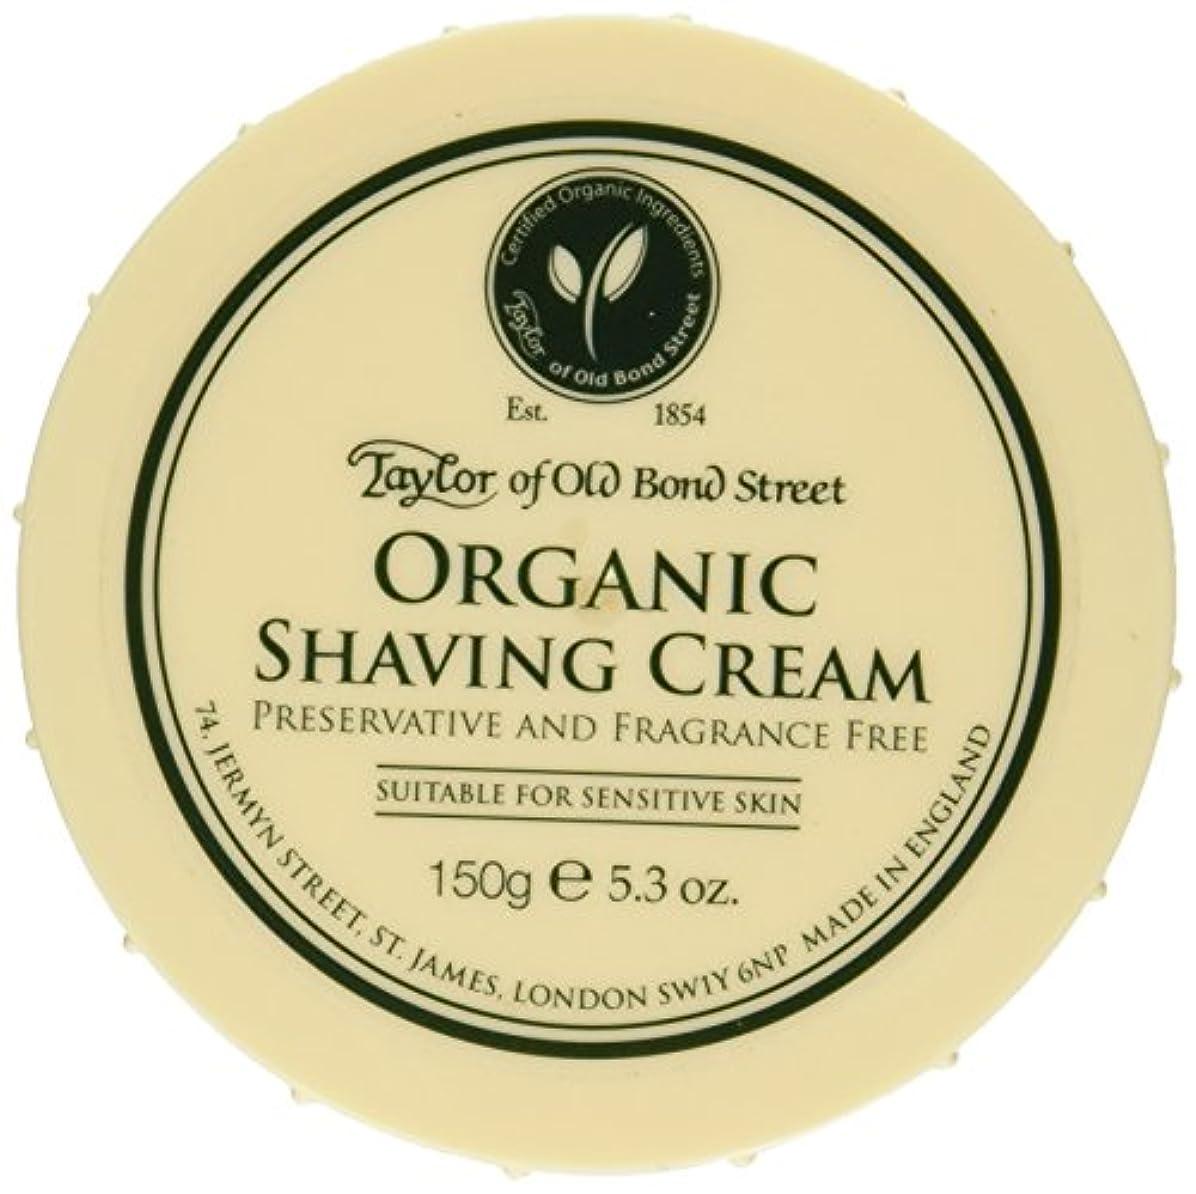 援助するダイアクリティカル対Taylor of Old Bond Street Organic Shaving Cream w/ Aloe & Jojoba *New* 5.3 oz. by Taylor of Old Bond Street